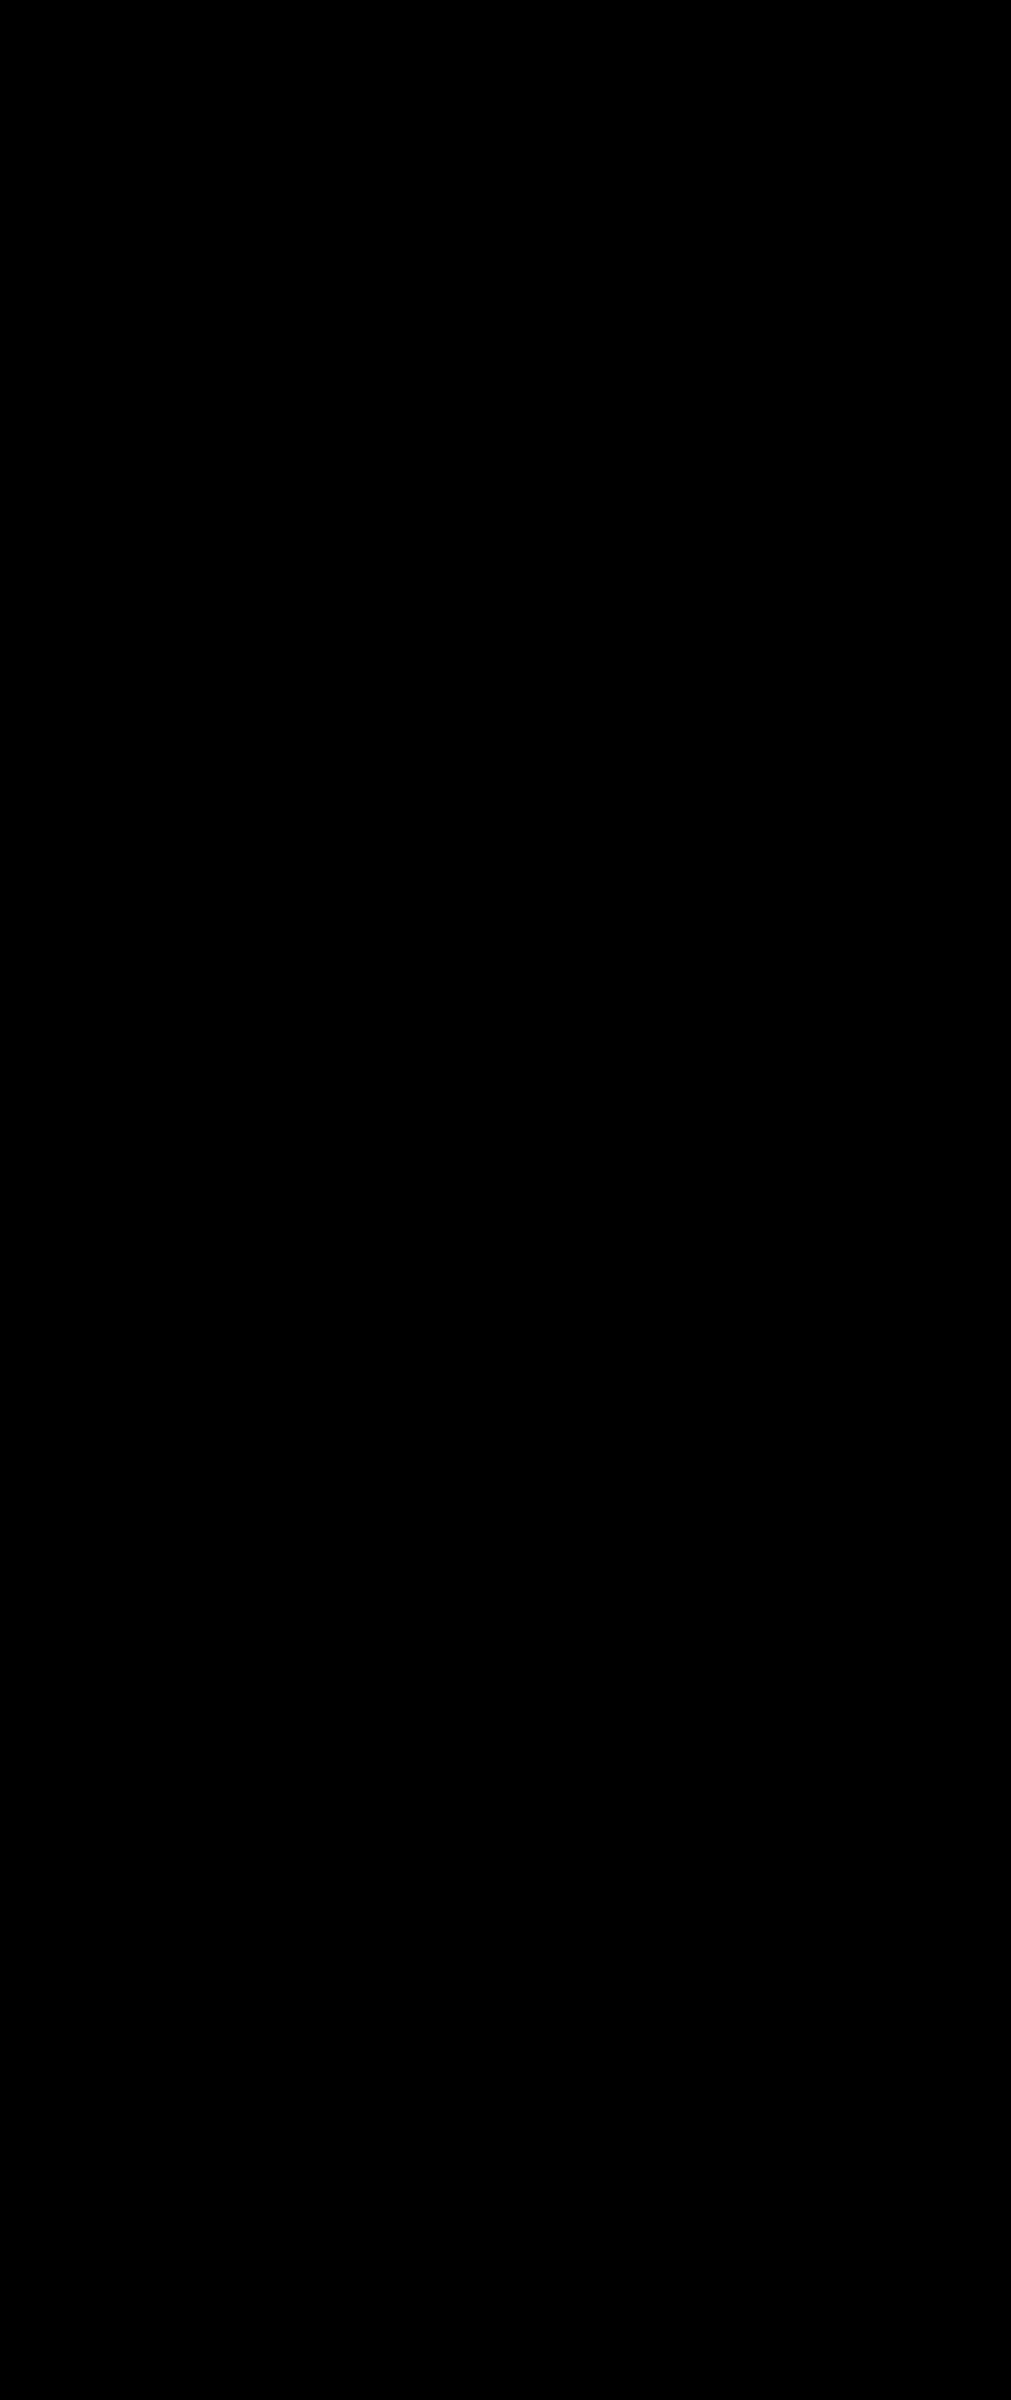 Clipart skeleton line art. Big image png